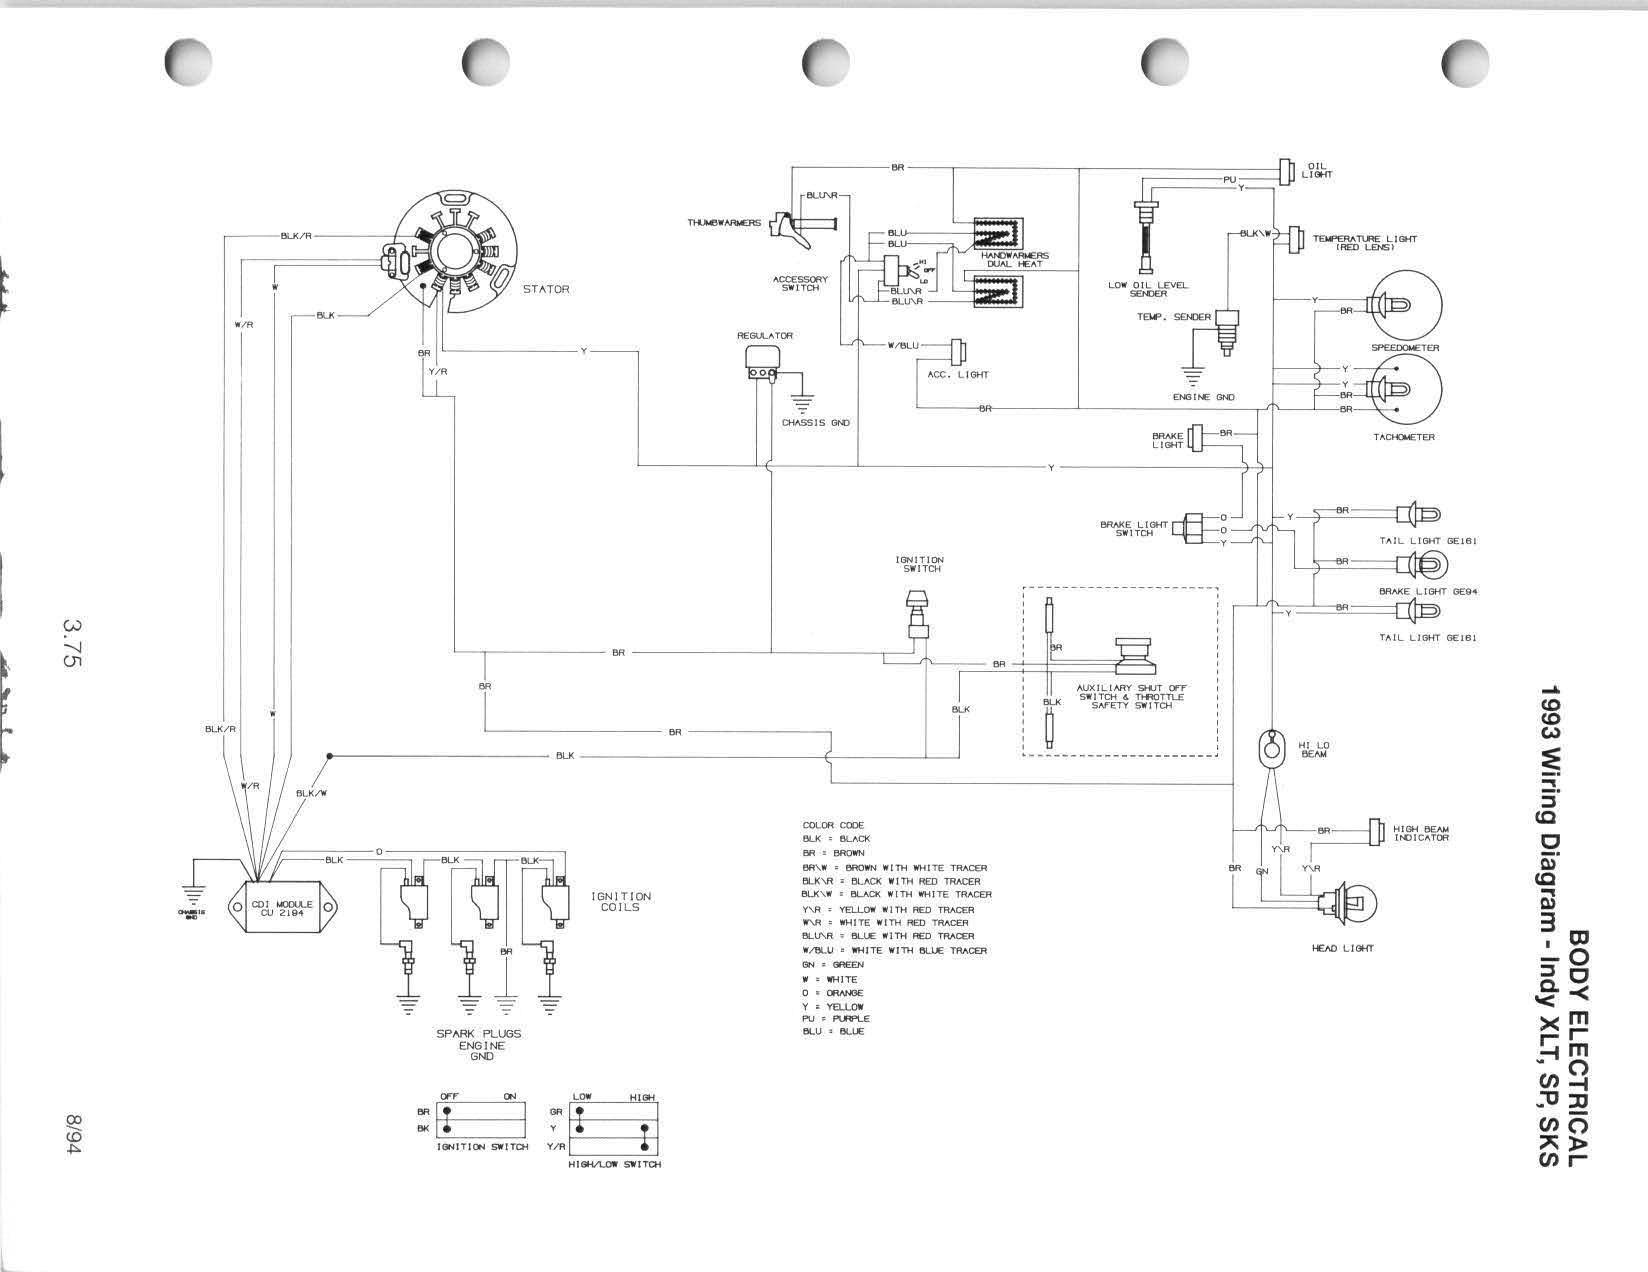 Snowmobile Engine Diagram Polaris Snowmobile Wiring Schematic Wiring Diagram Of Snowmobile Engine Diagram